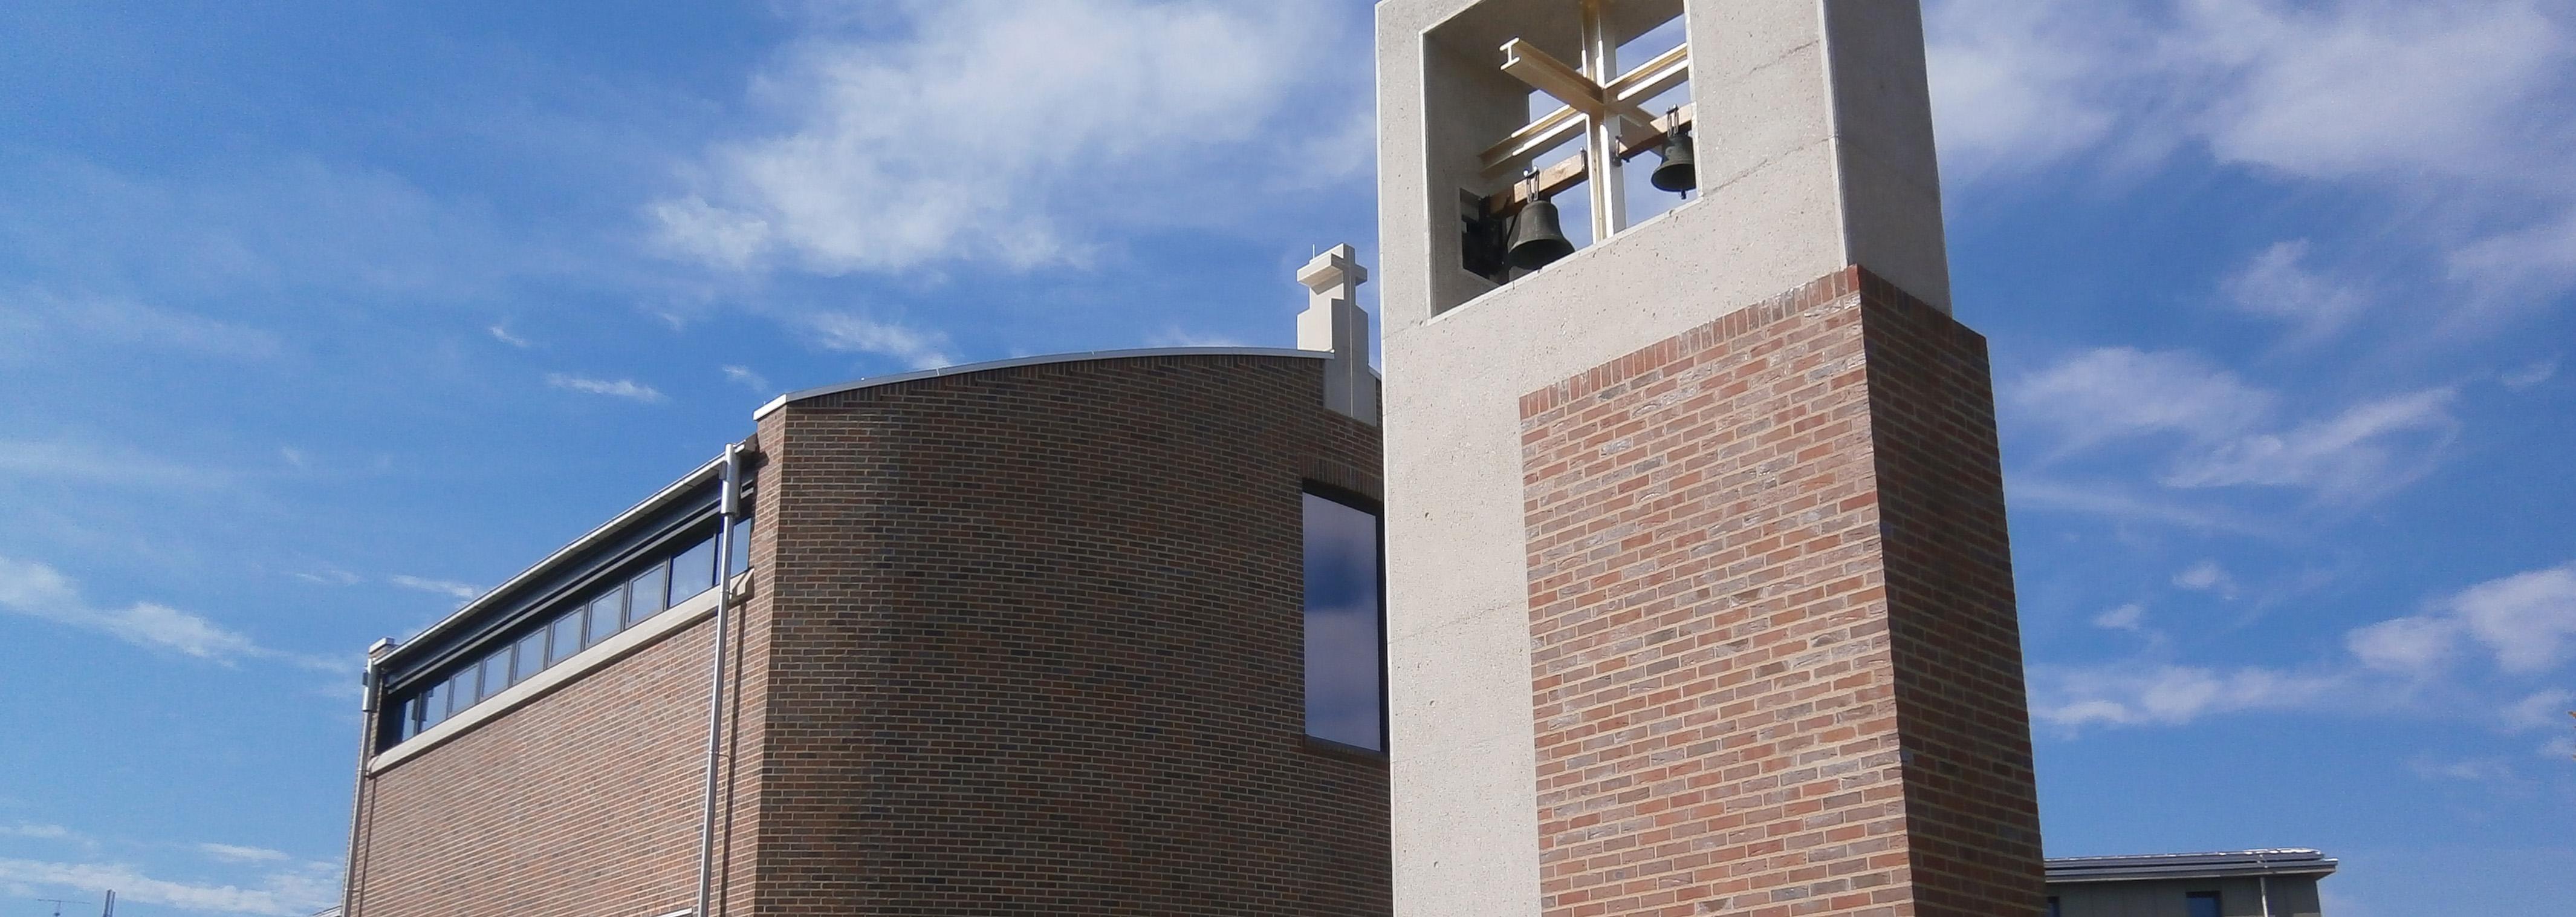 Exkursion mit Eucharistiefeier: Vinzentinerinnenkloster